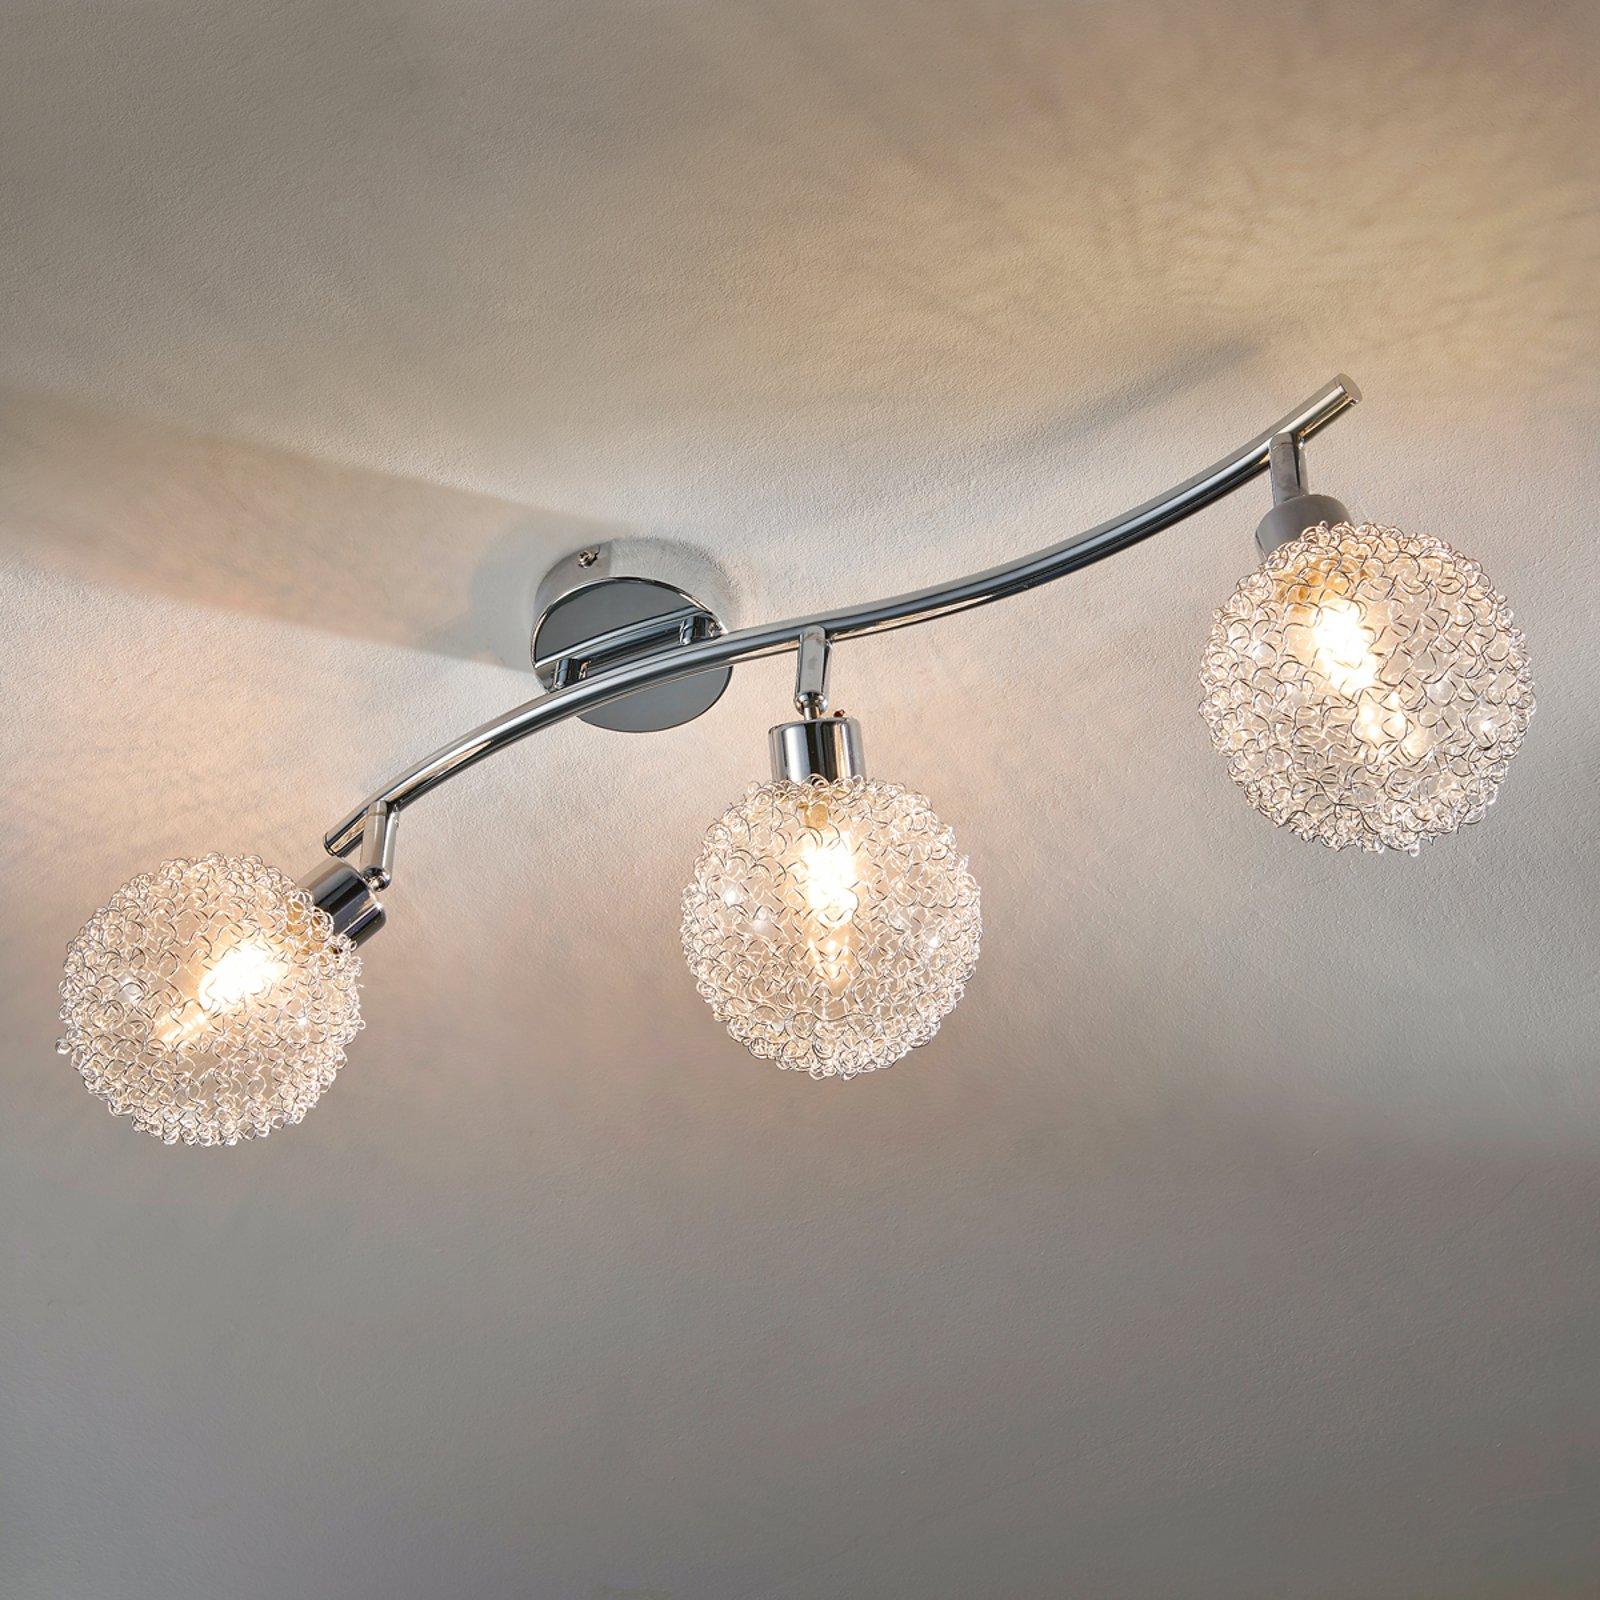 Trepunkts LED-taklampe Ticino